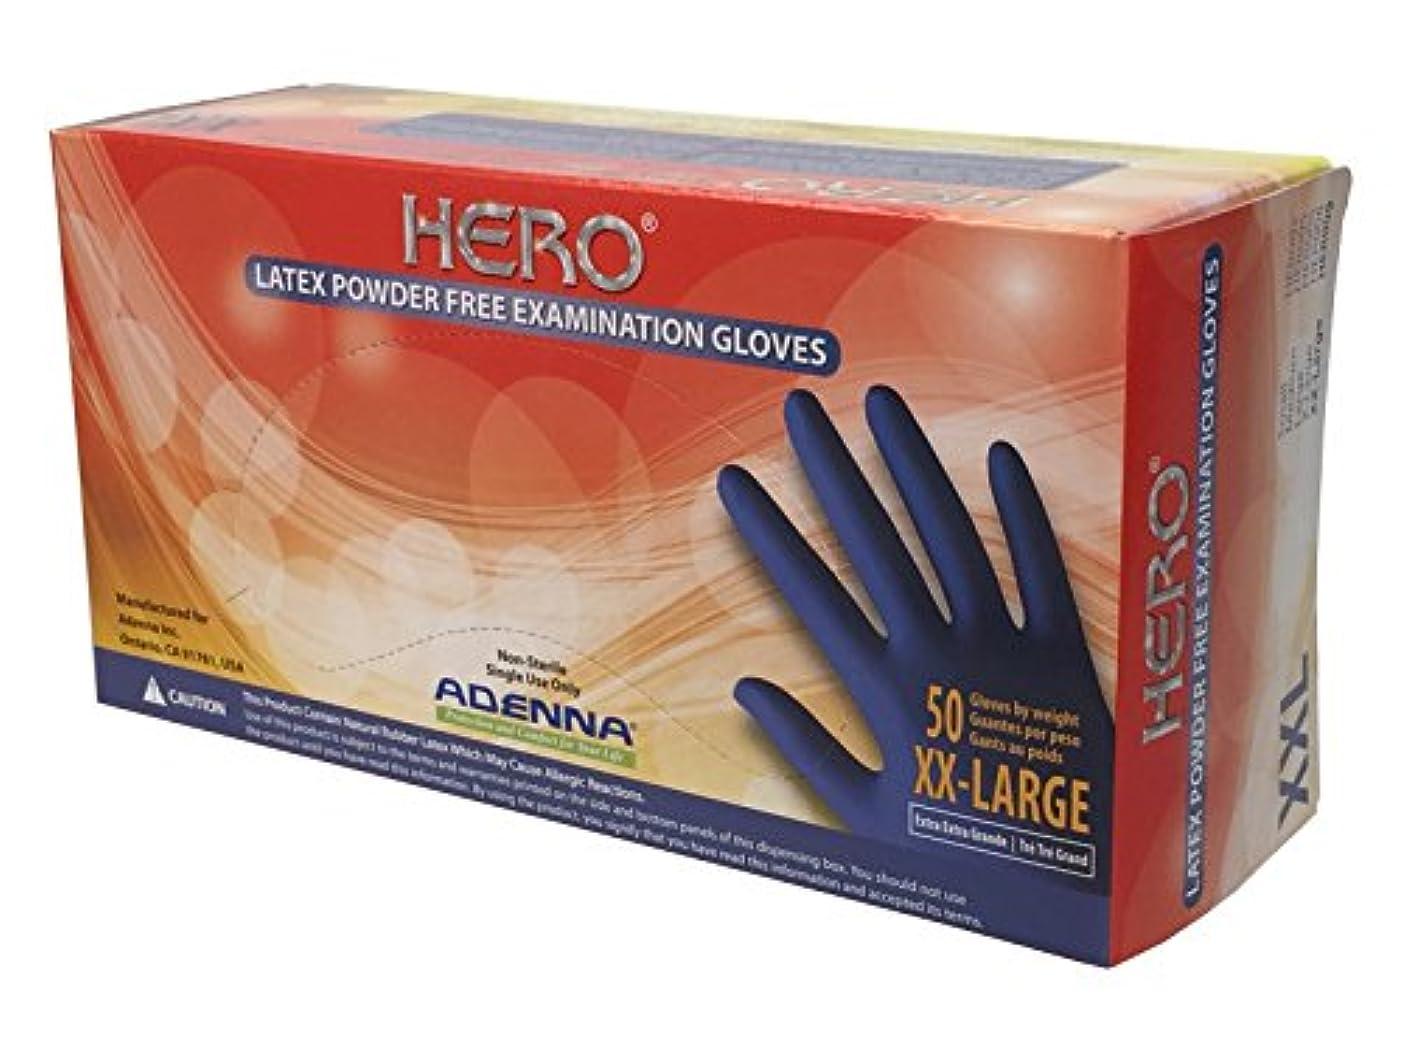 おとなしい細分化する難民(XX-Large) - Adenna Hero 14 mil Latex Powder Free Exam Gloves (Blue, XX-Large) Box of 50